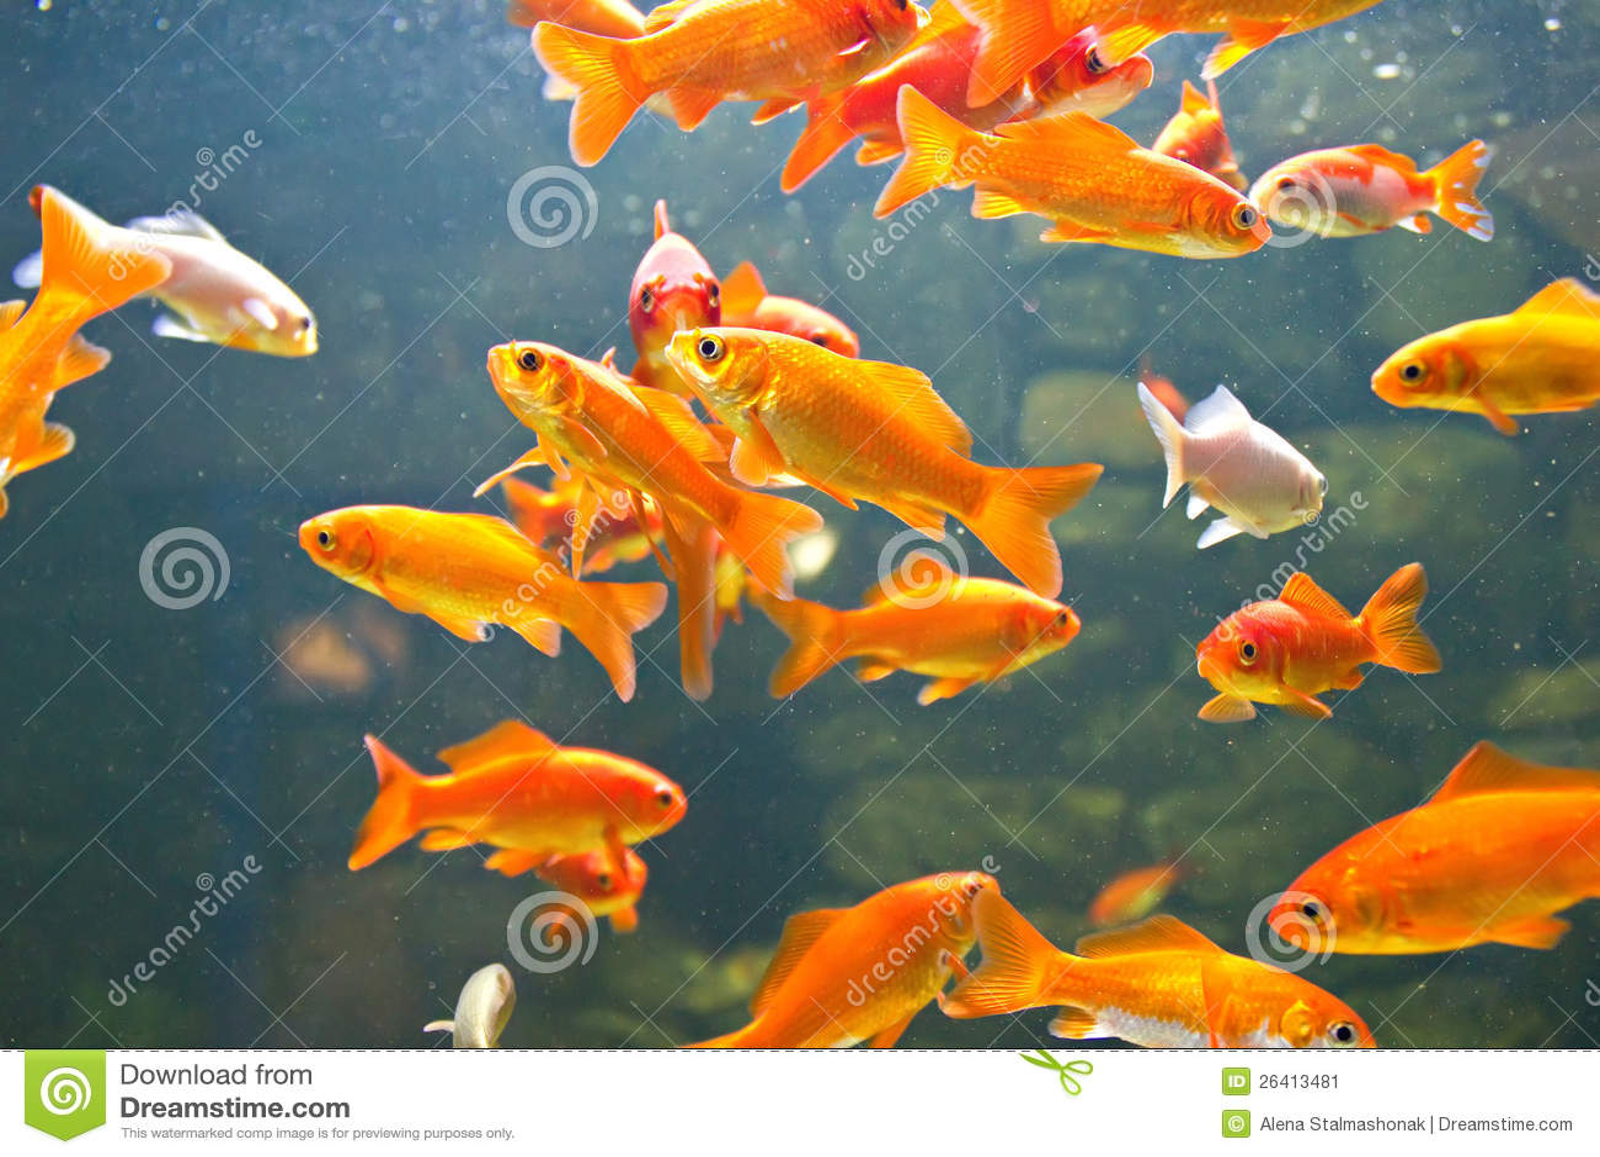 Rot und goldfische stockbild bild von fische tier for Koi und goldfische zusammen